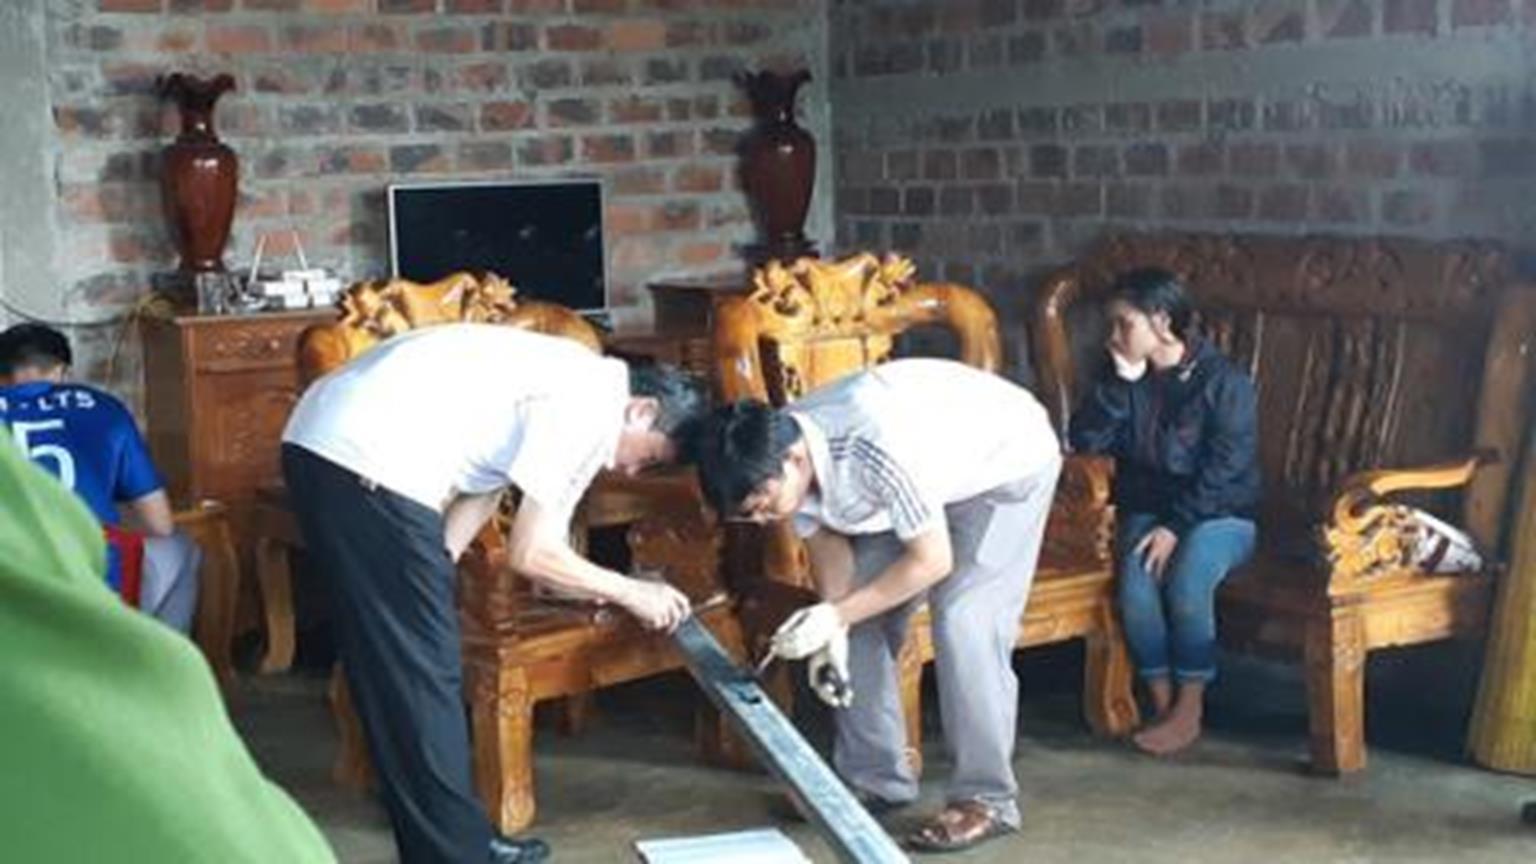 Vụ 4 người một nhà treo cổ tự tử ở Hà Tĩnh: Chủ nợ lên tiếng-1